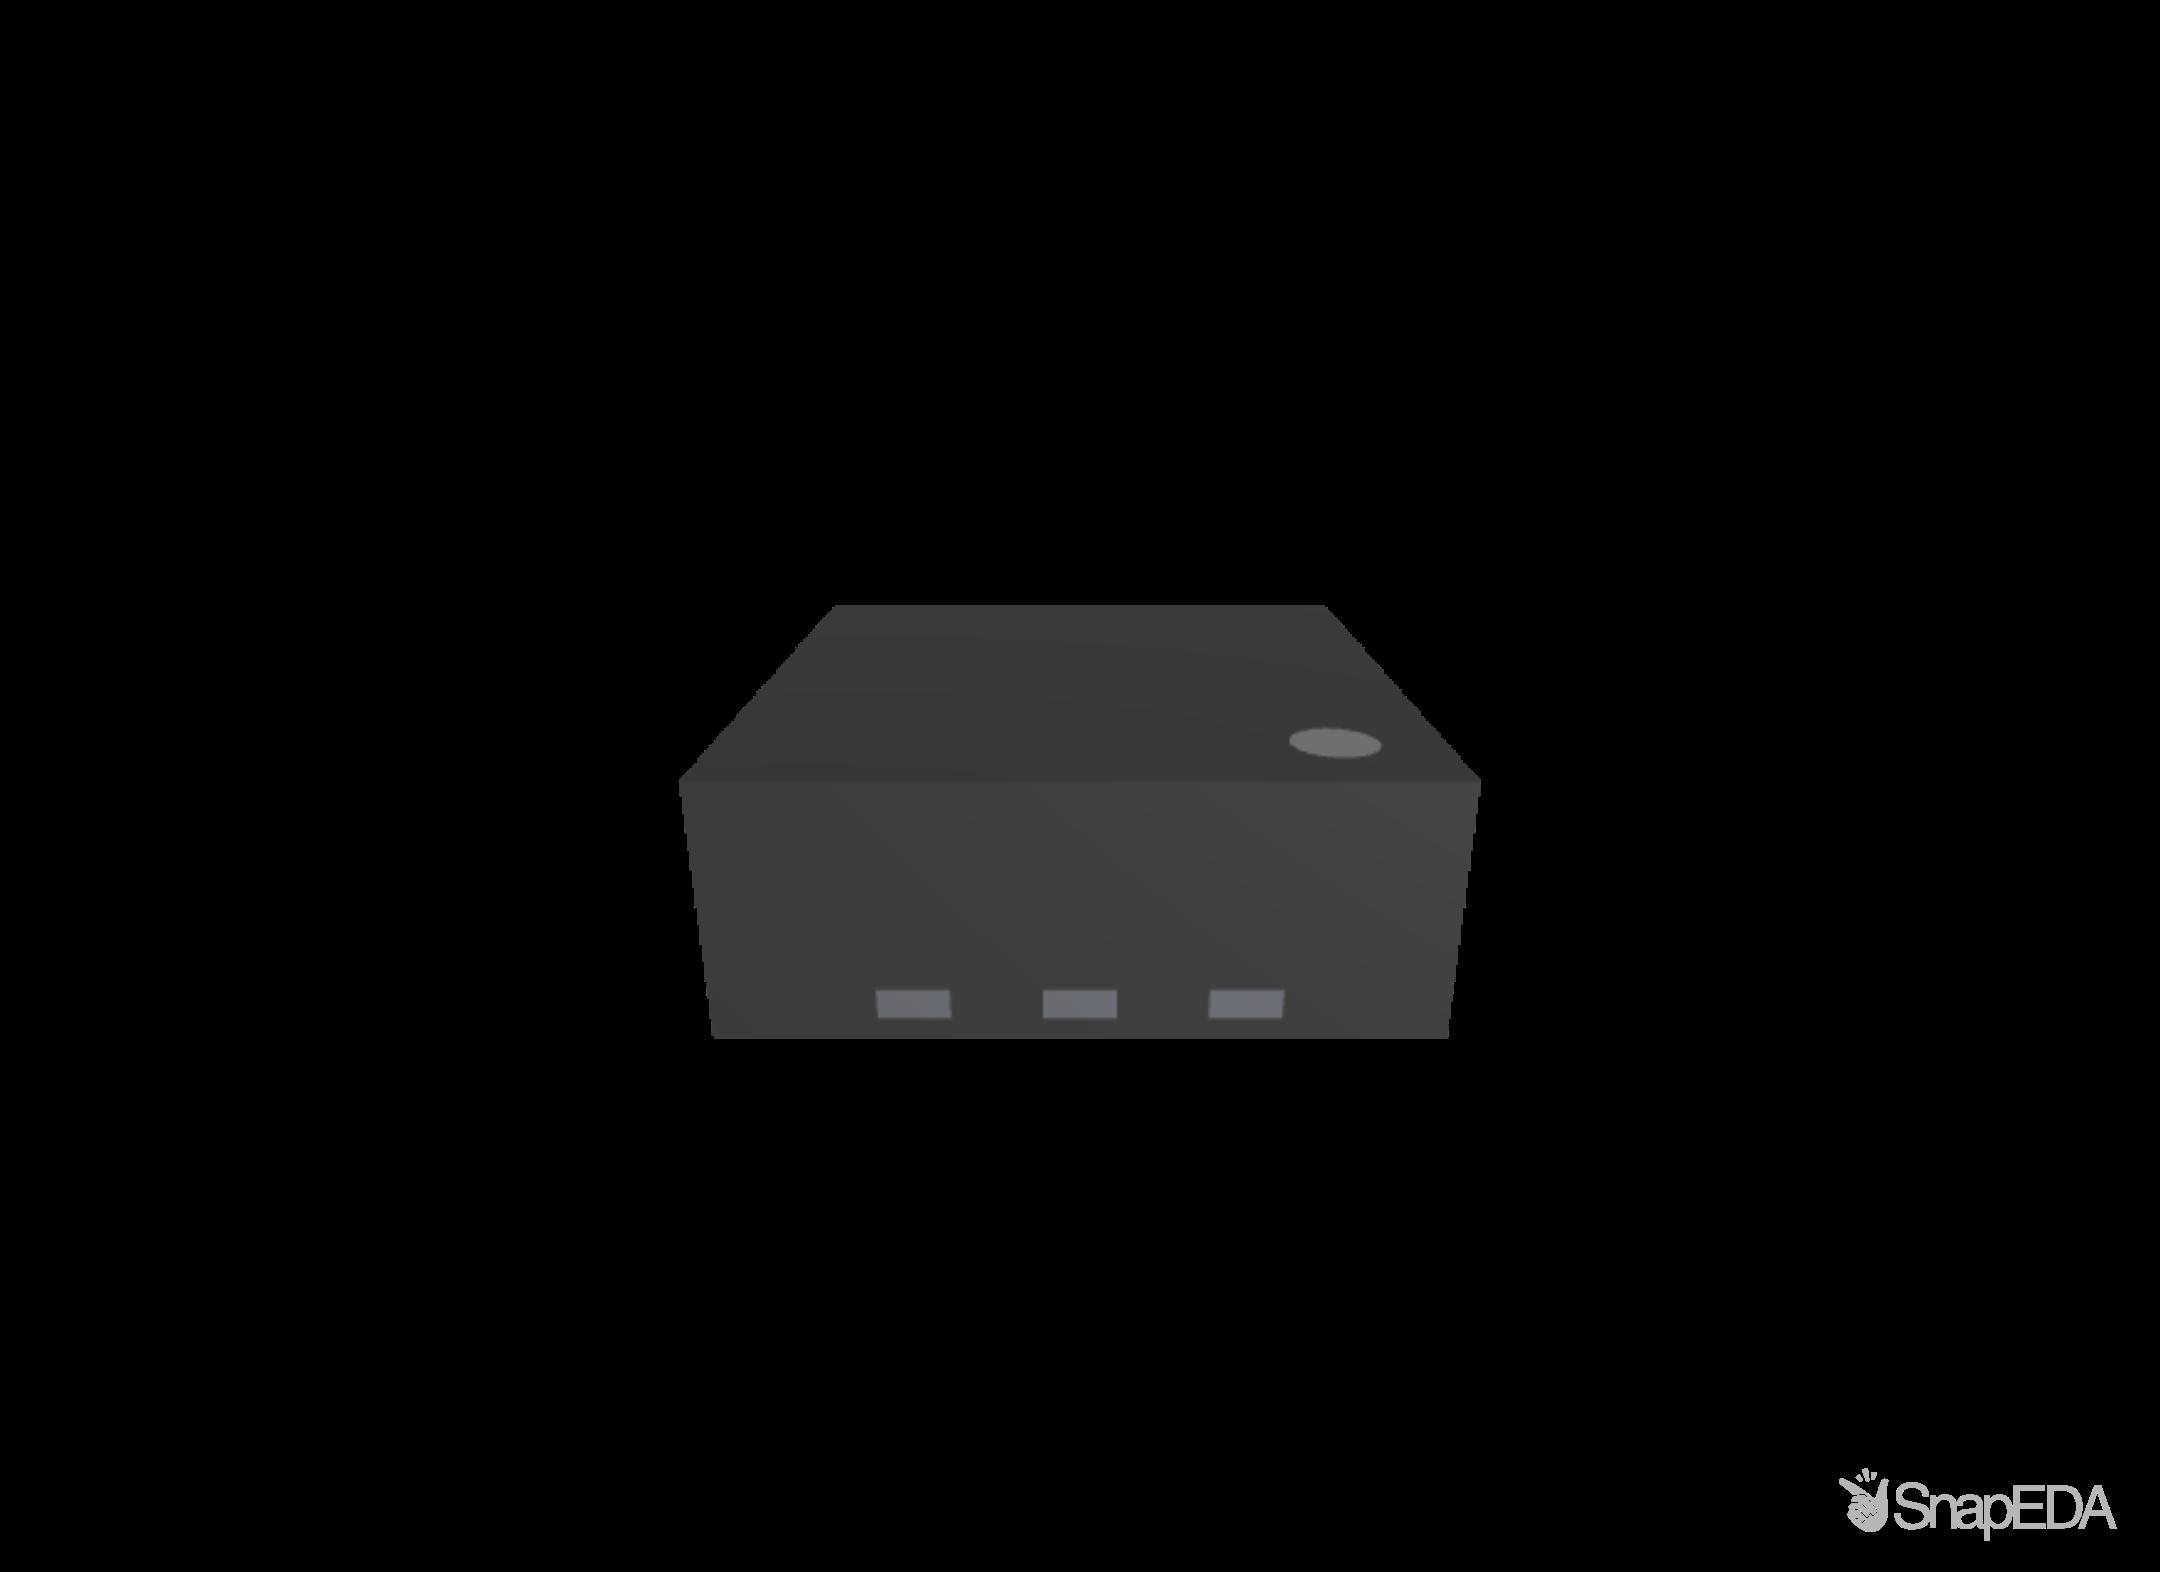 TPS61021DSGR 3D Model